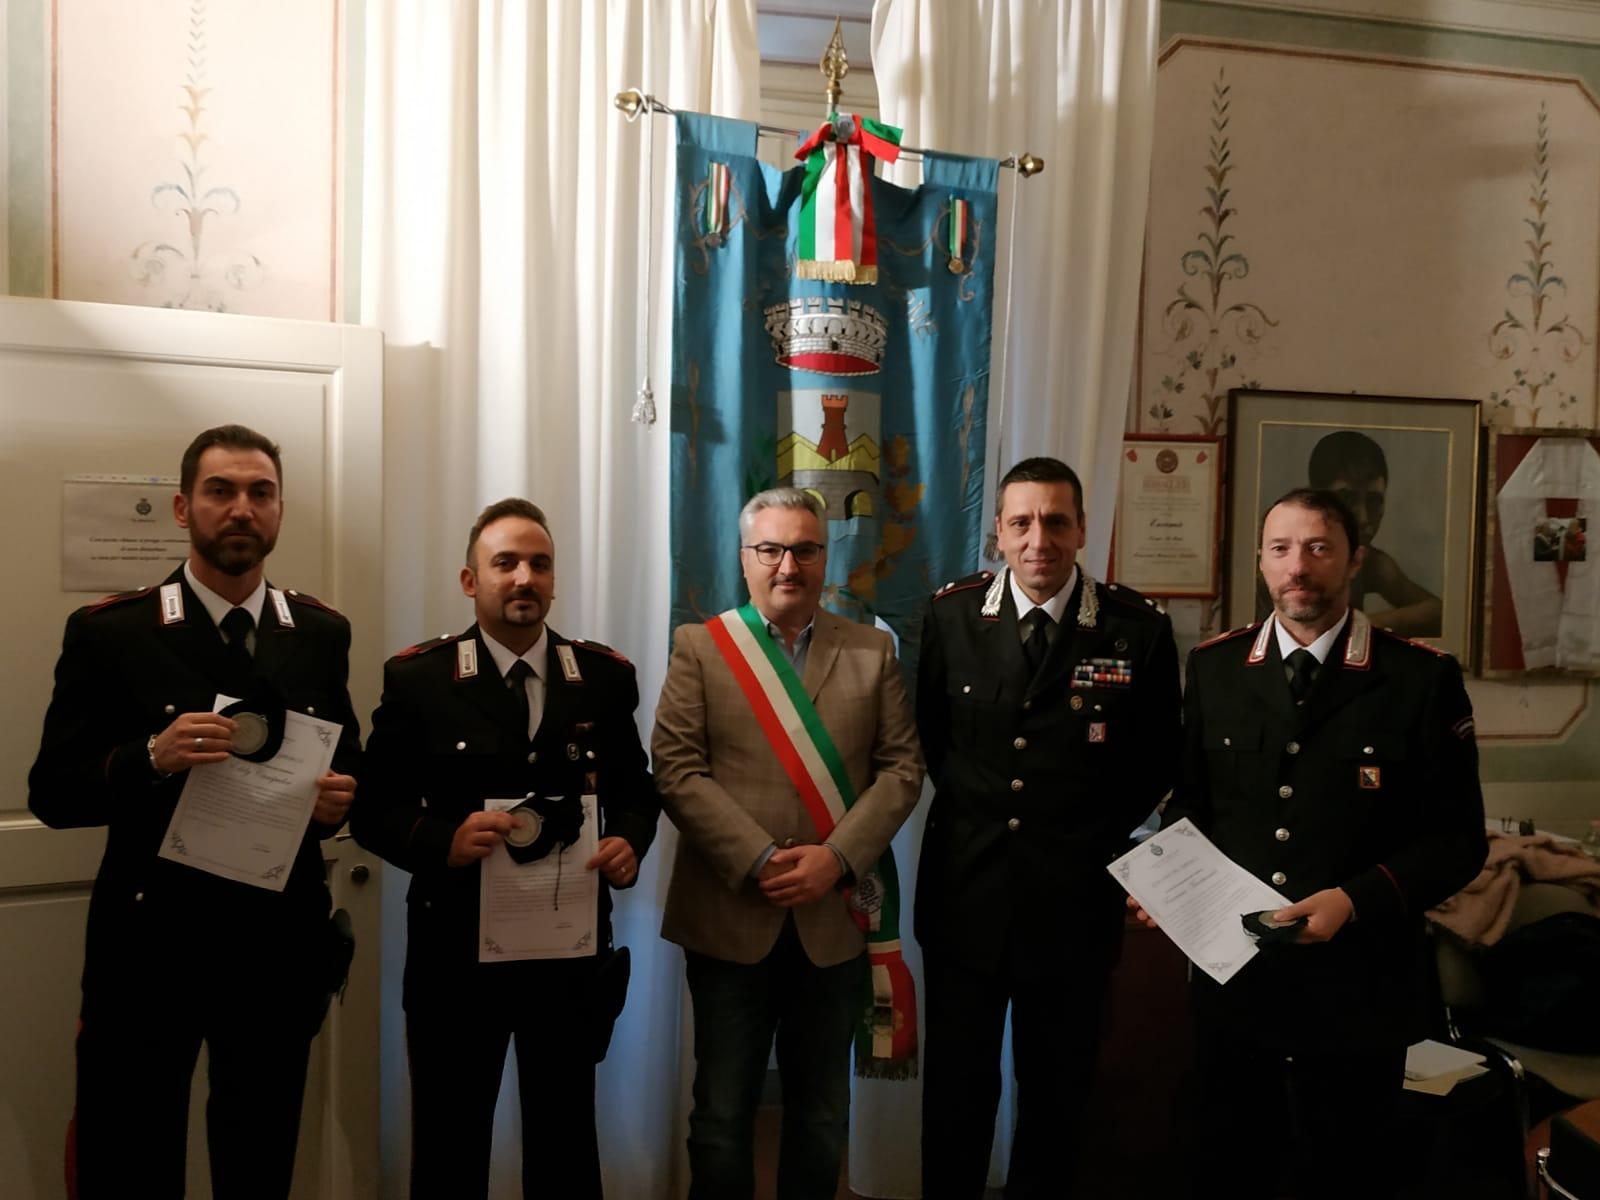 San Giuliano Terme, il sindaco premia tre militari dell'Arma dei Carabinieri - gonews